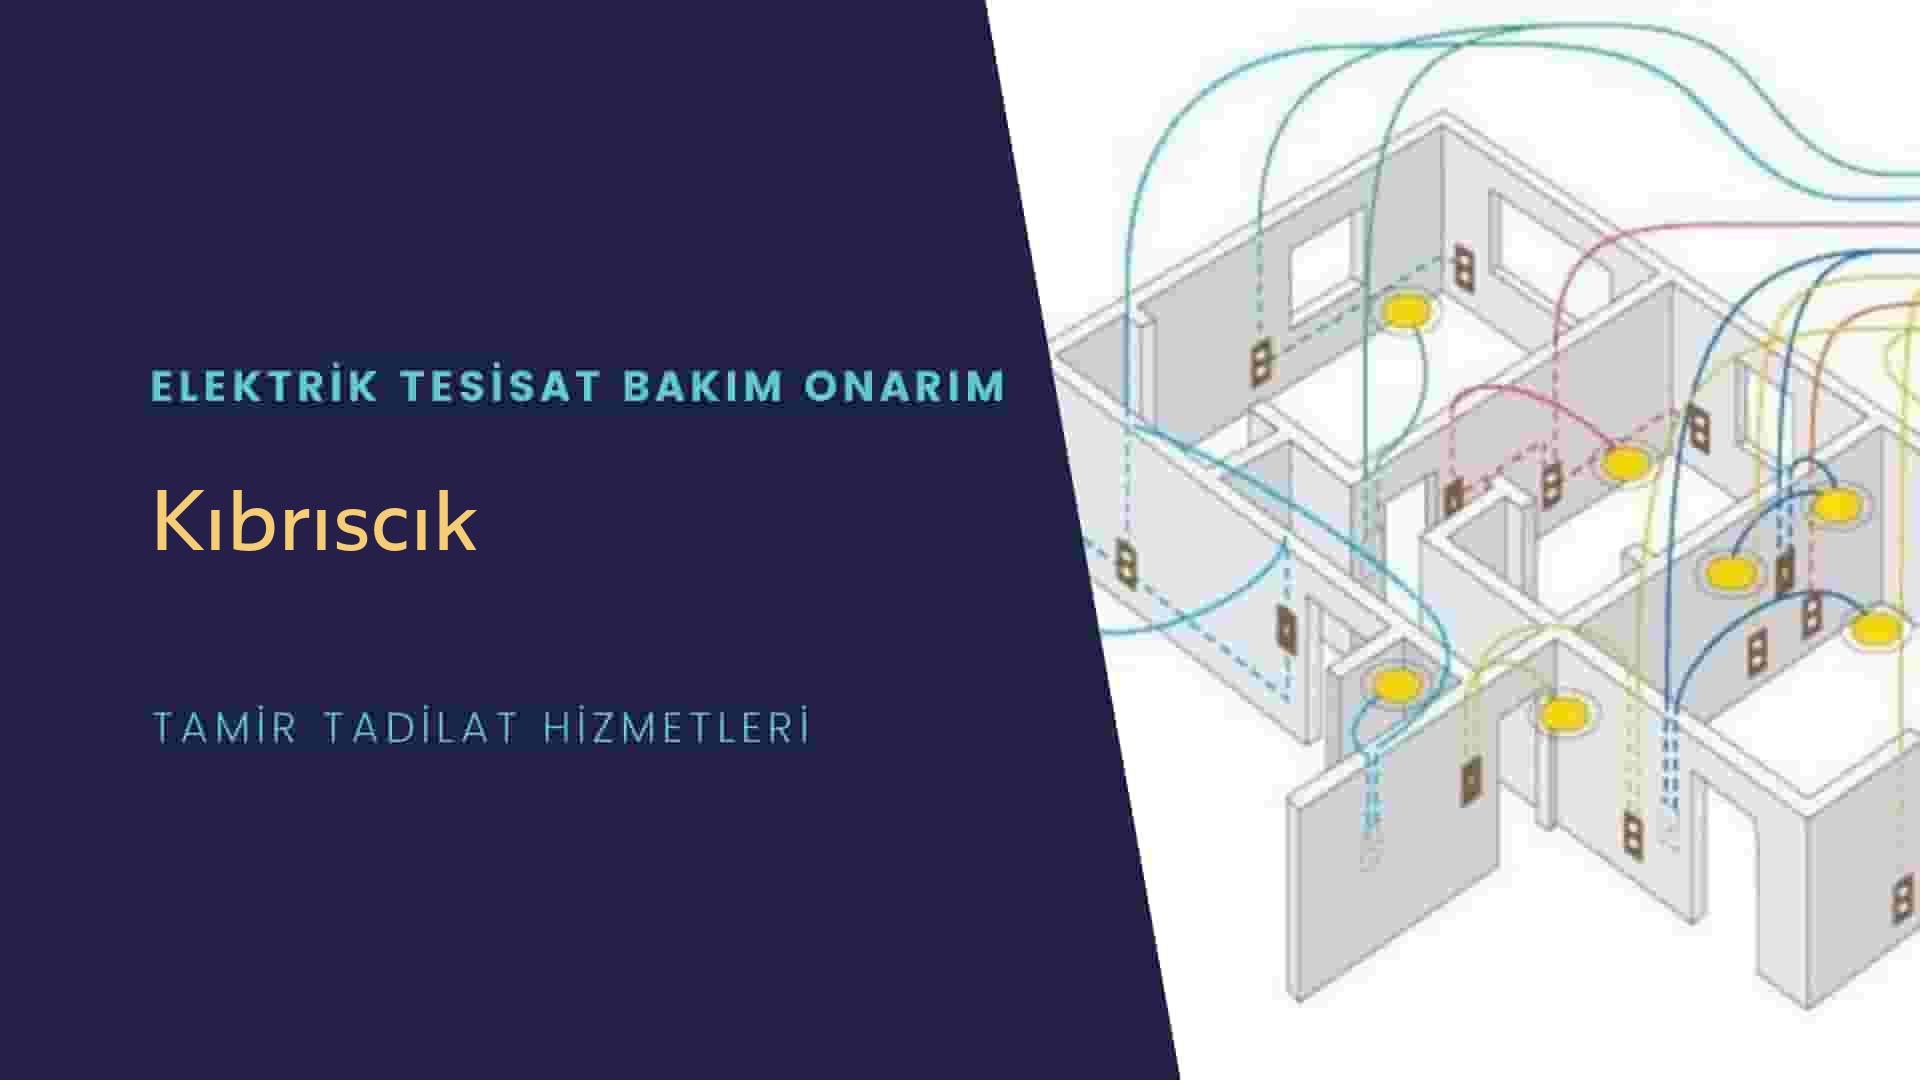 Kıbrıscık  elektrik tesisatıustalarımı arıyorsunuz doğru adrestenizi Kıbrıscık elektrik tesisatı ustalarımız 7/24 sizlere hizmet vermekten mutluluk duyar.